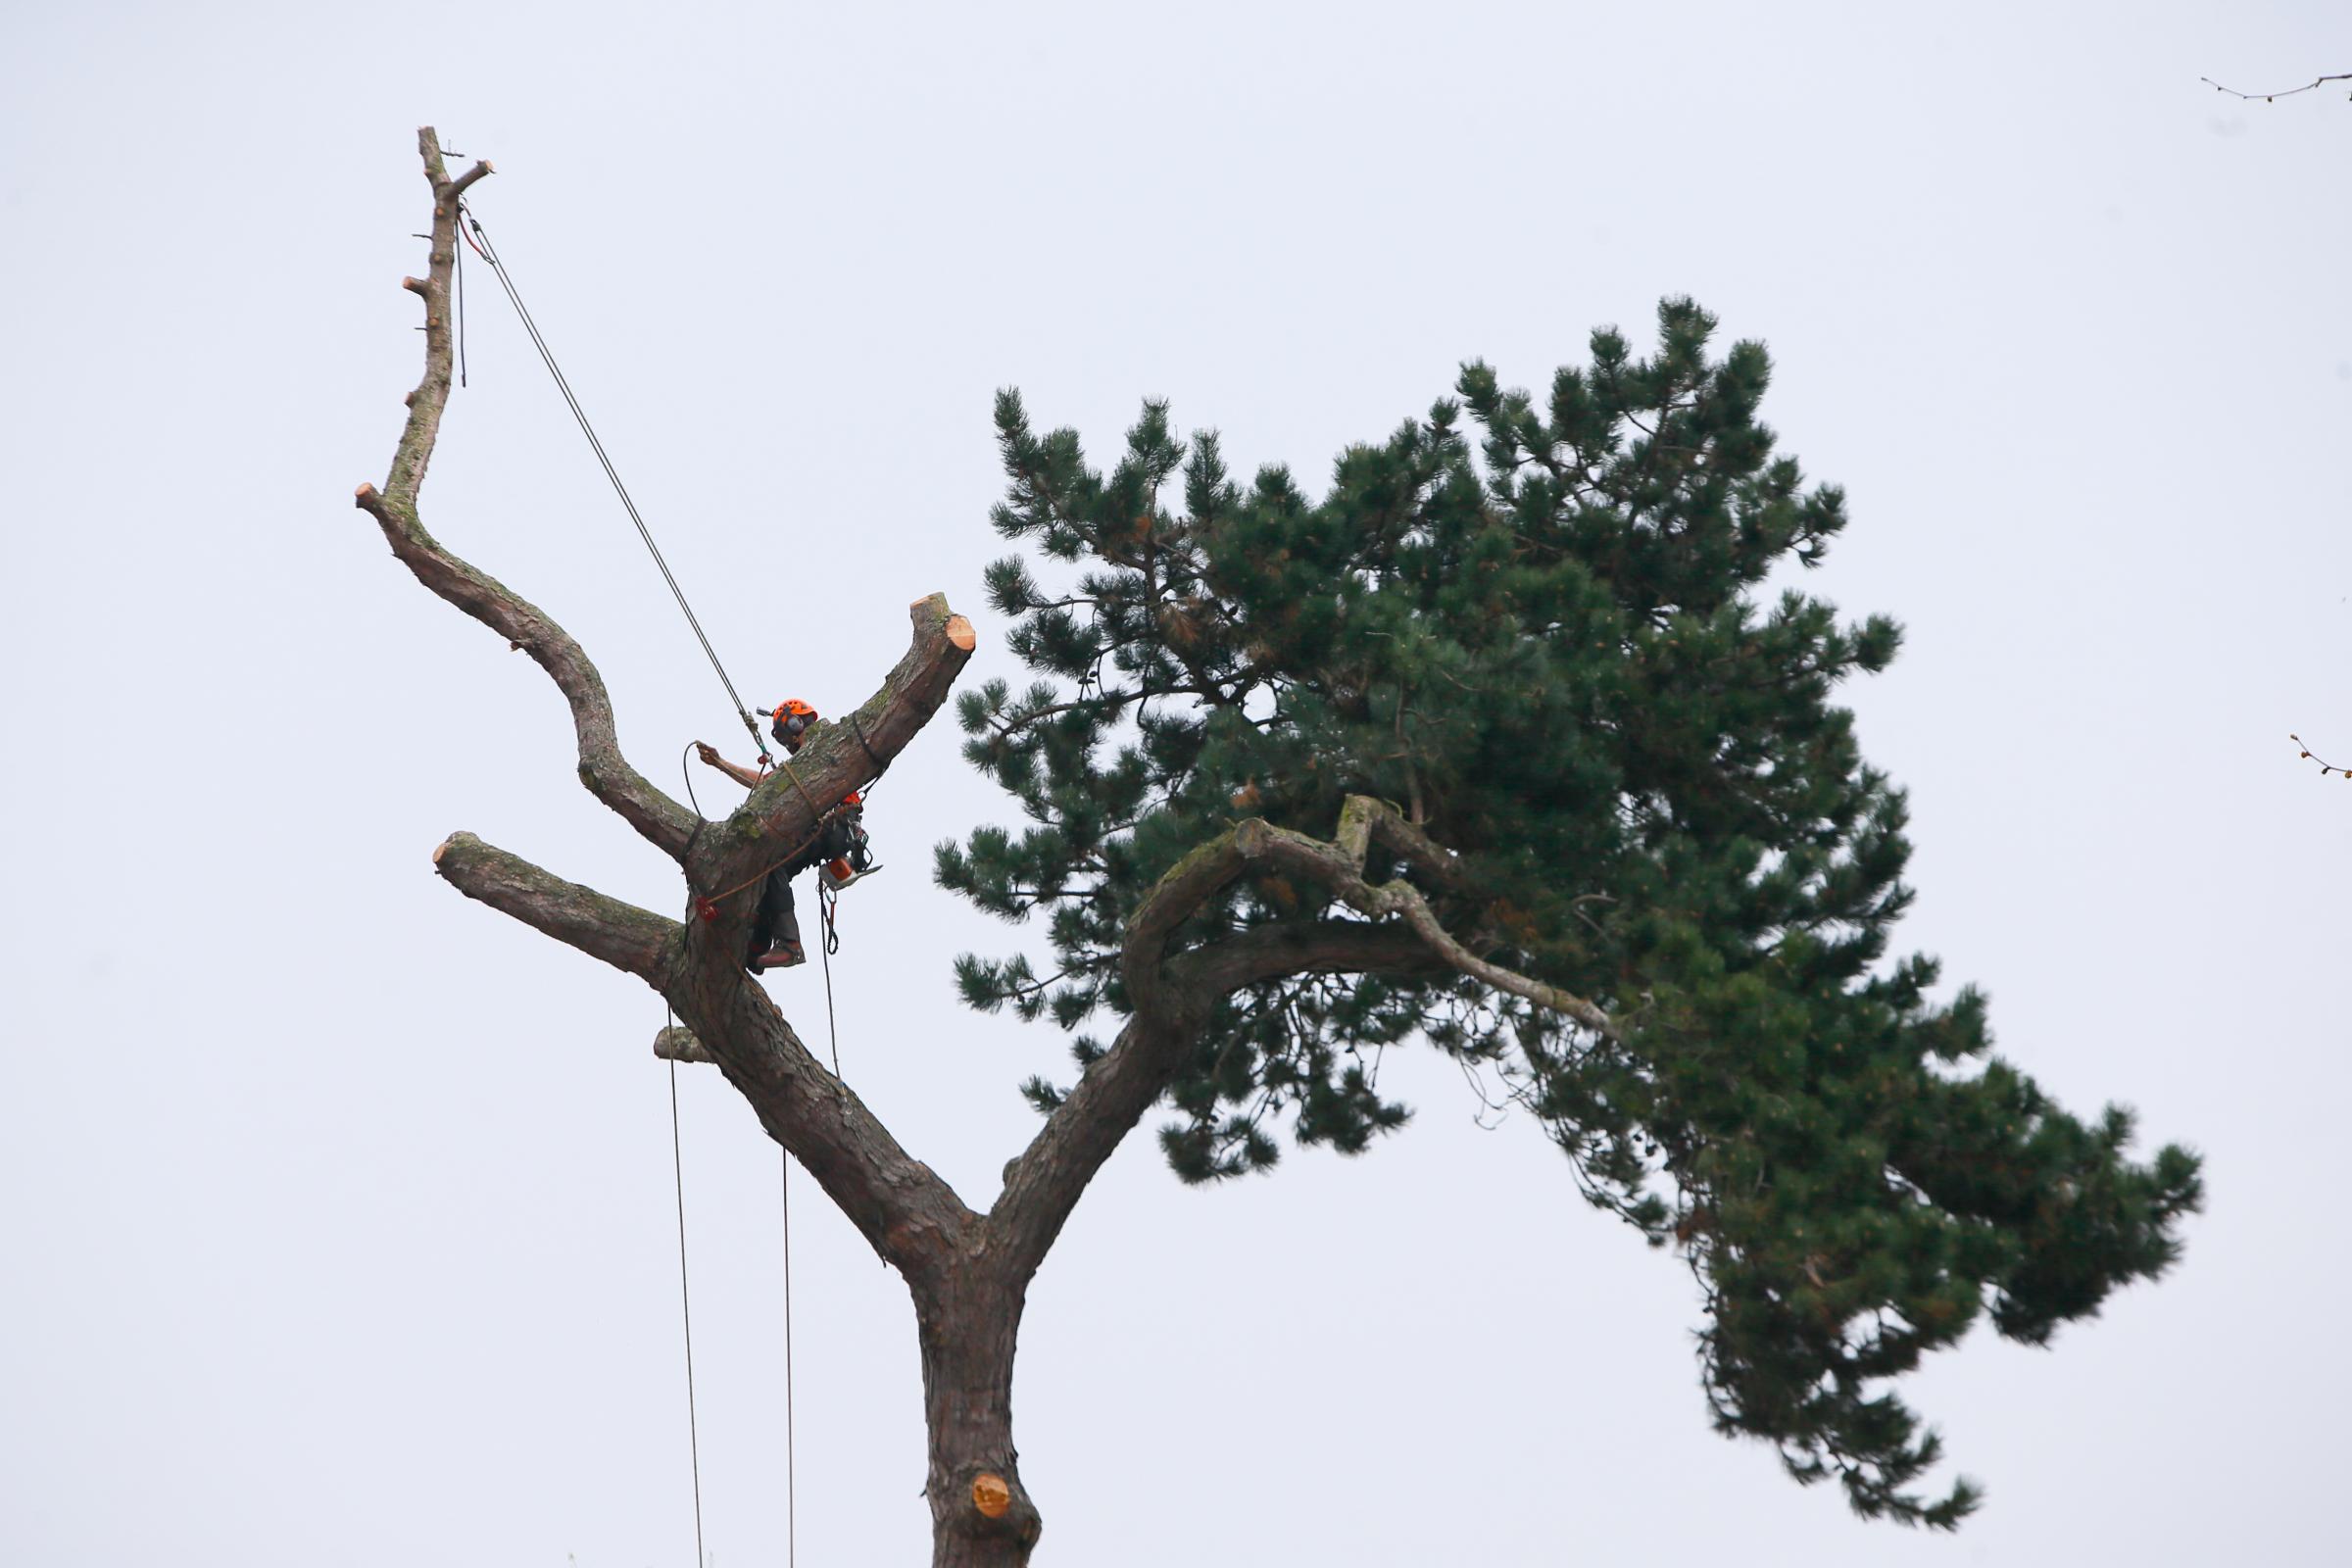 Pine trees on Saint Cross Street, Oxford, are felled